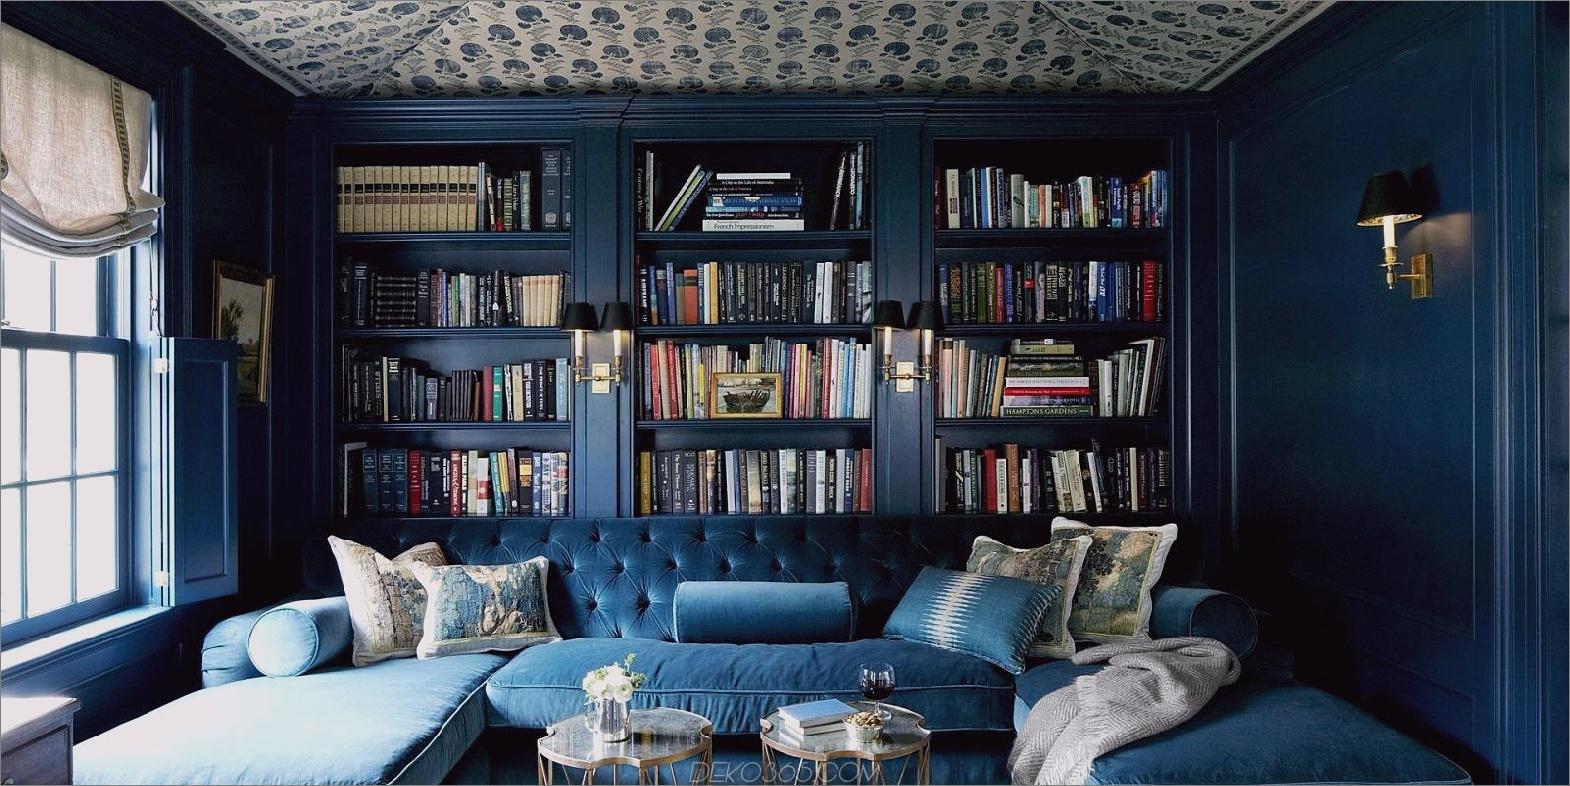 gemütliche Heimbibliothek 12 Heimbibliotheken mit makellosem Stil